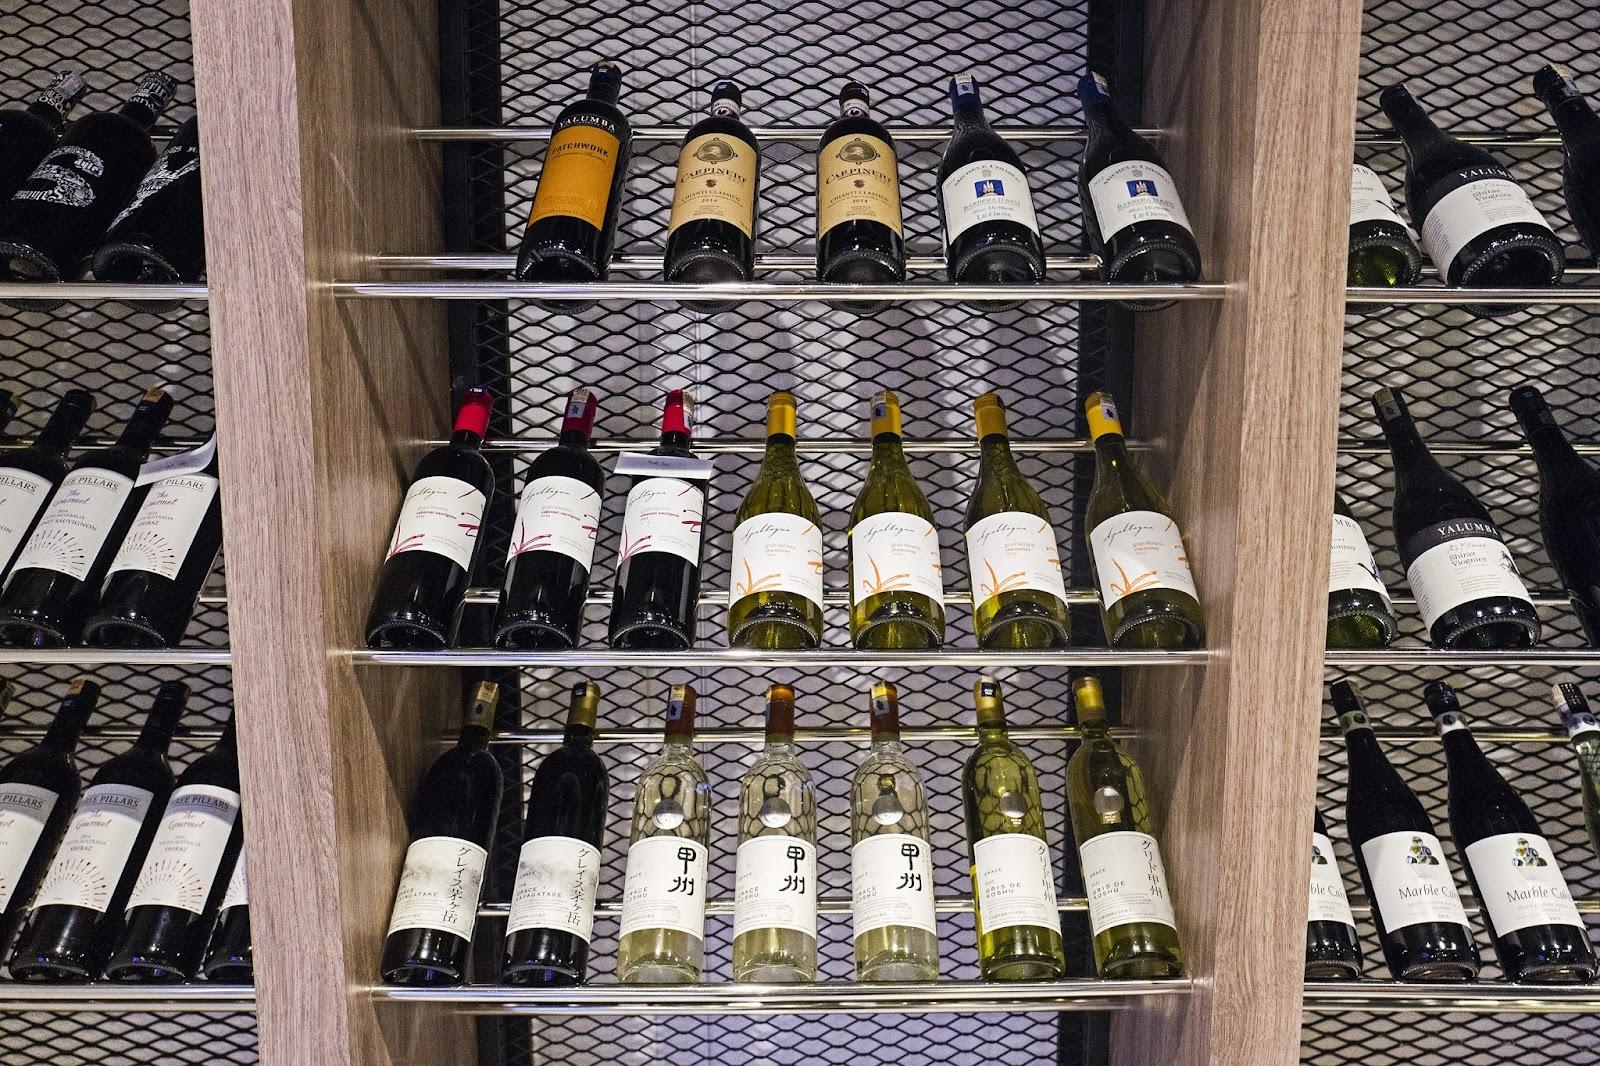 d-wine-L1060086.jpg